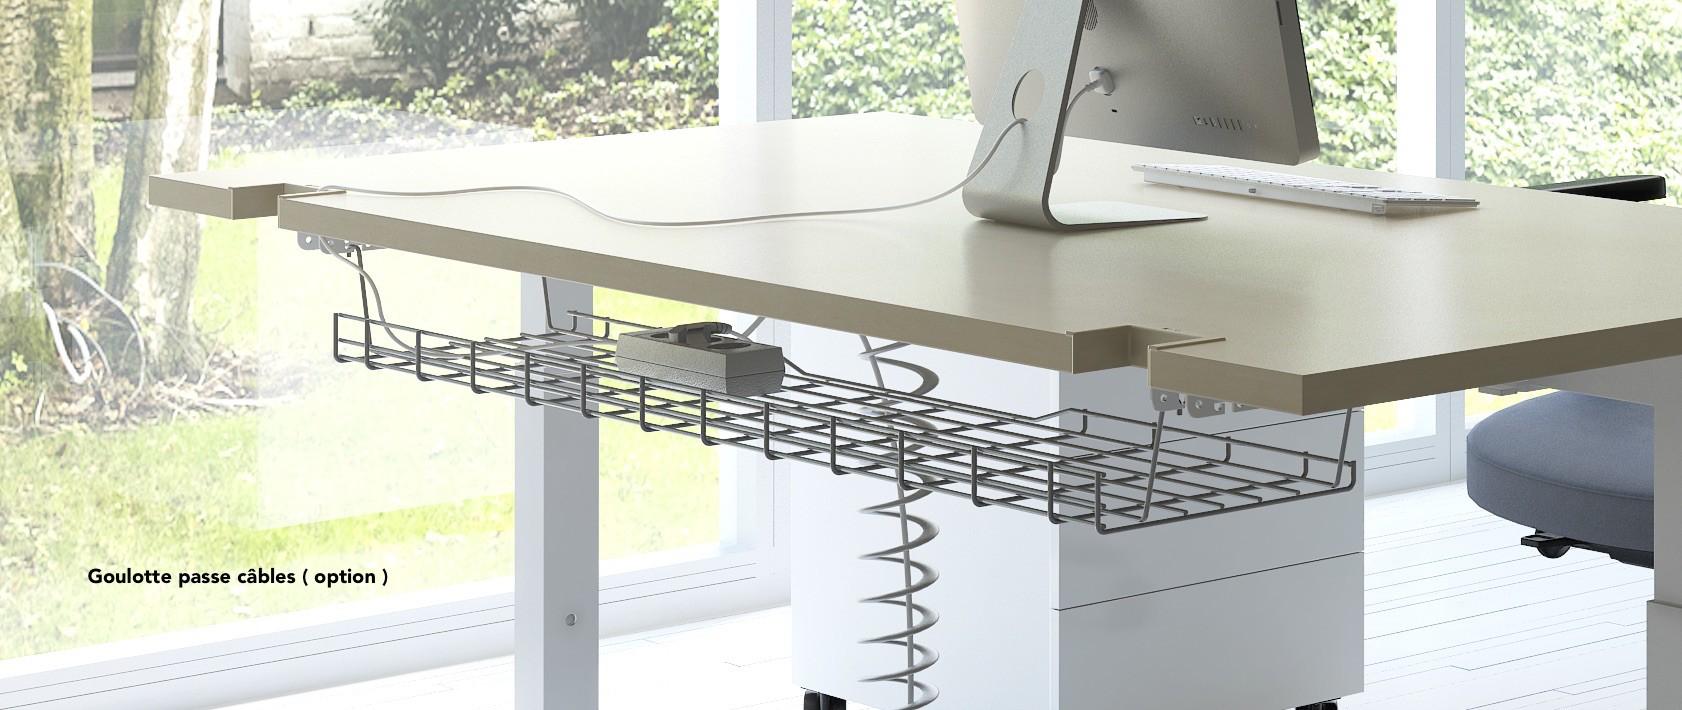 bureau individuel r glable en hauteur yan mdd bureaux r glables e. Black Bedroom Furniture Sets. Home Design Ideas